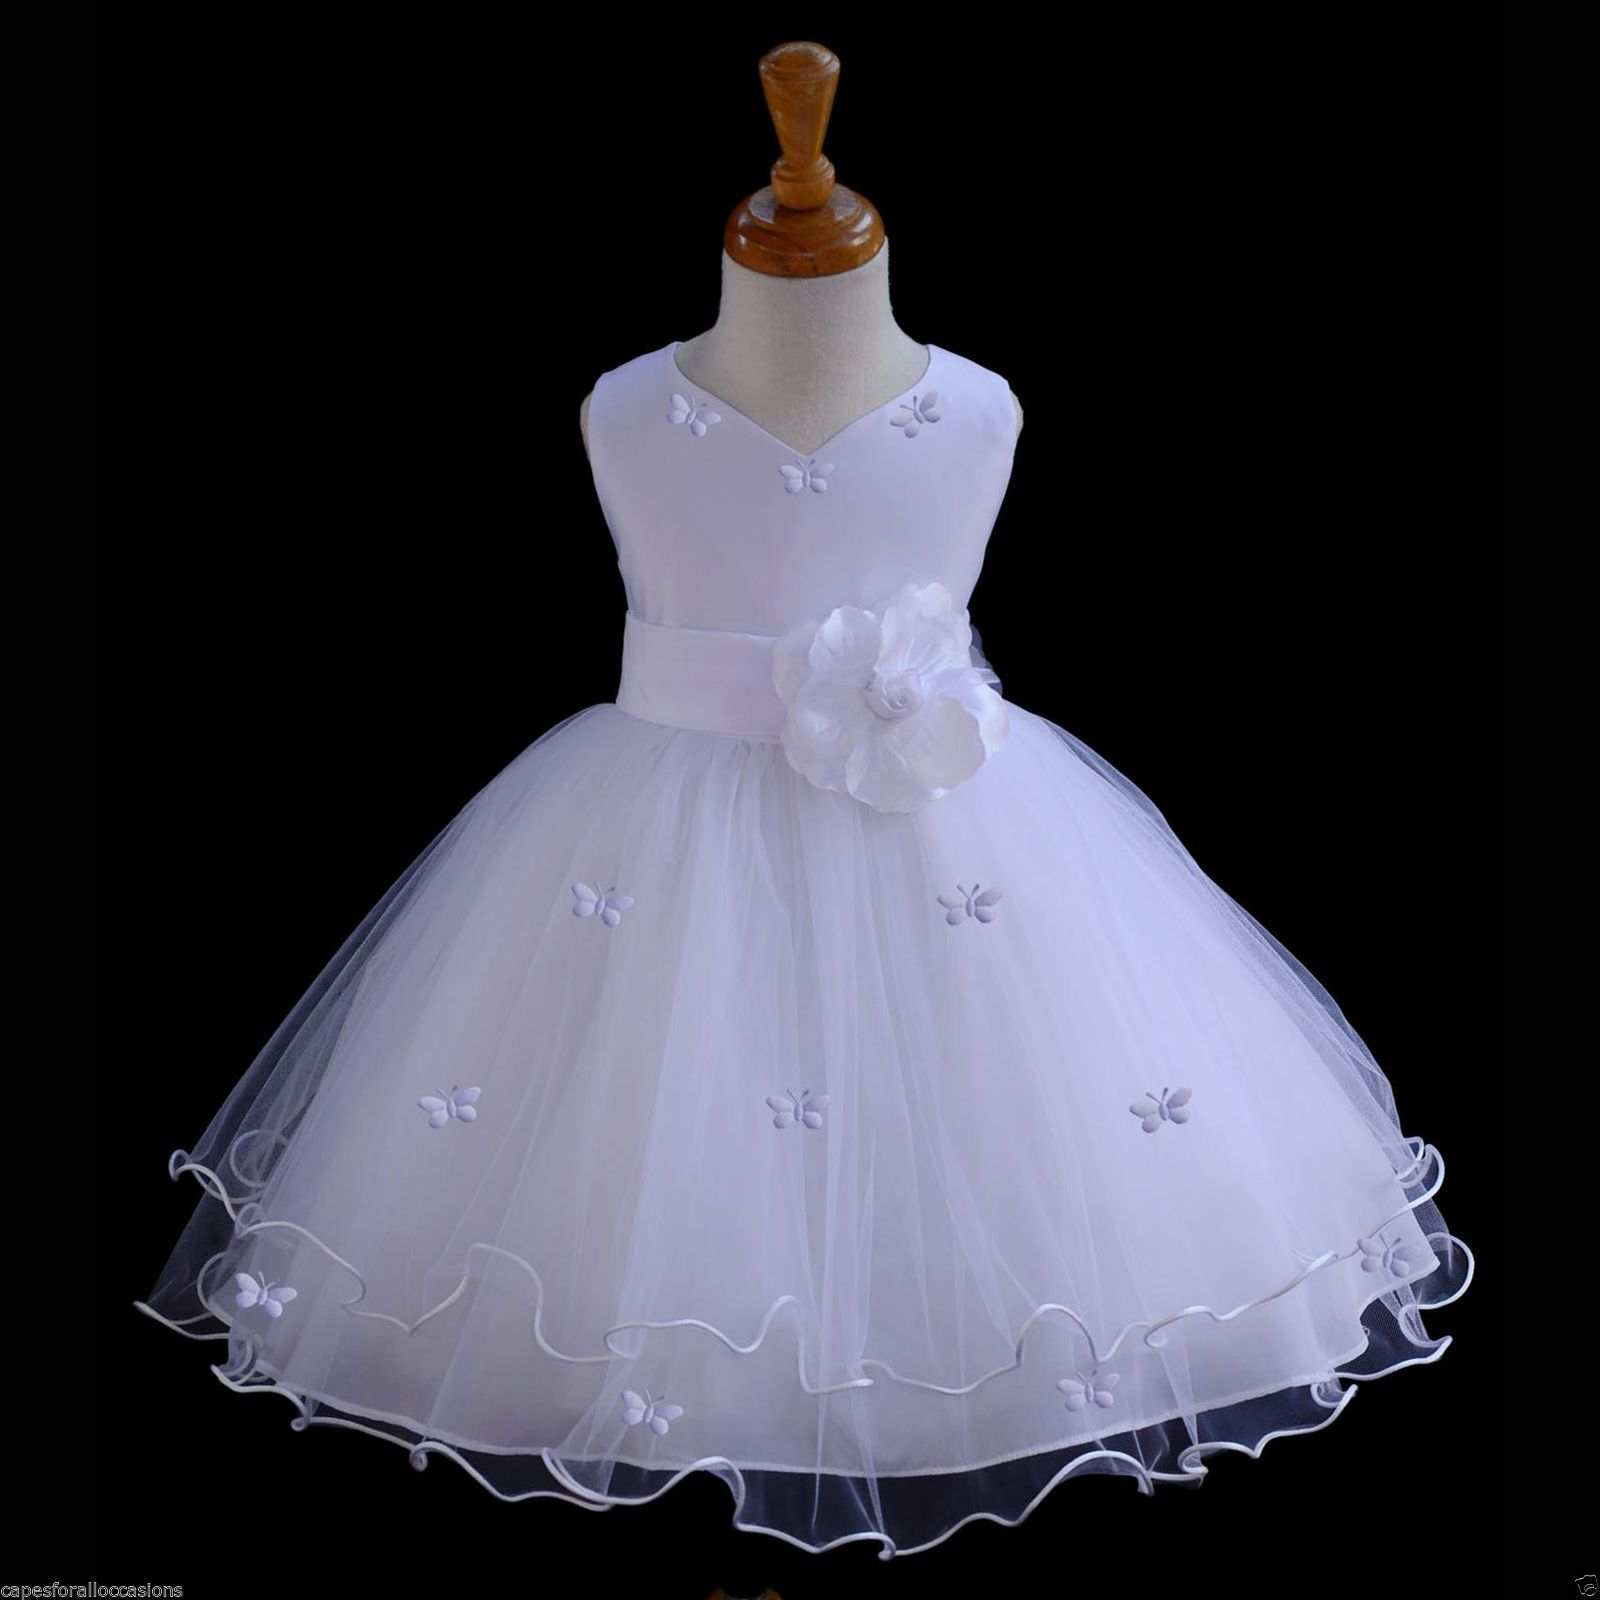 Macchy Vestidos De Fiesta Bautizo Para Bebes Y Niñas S